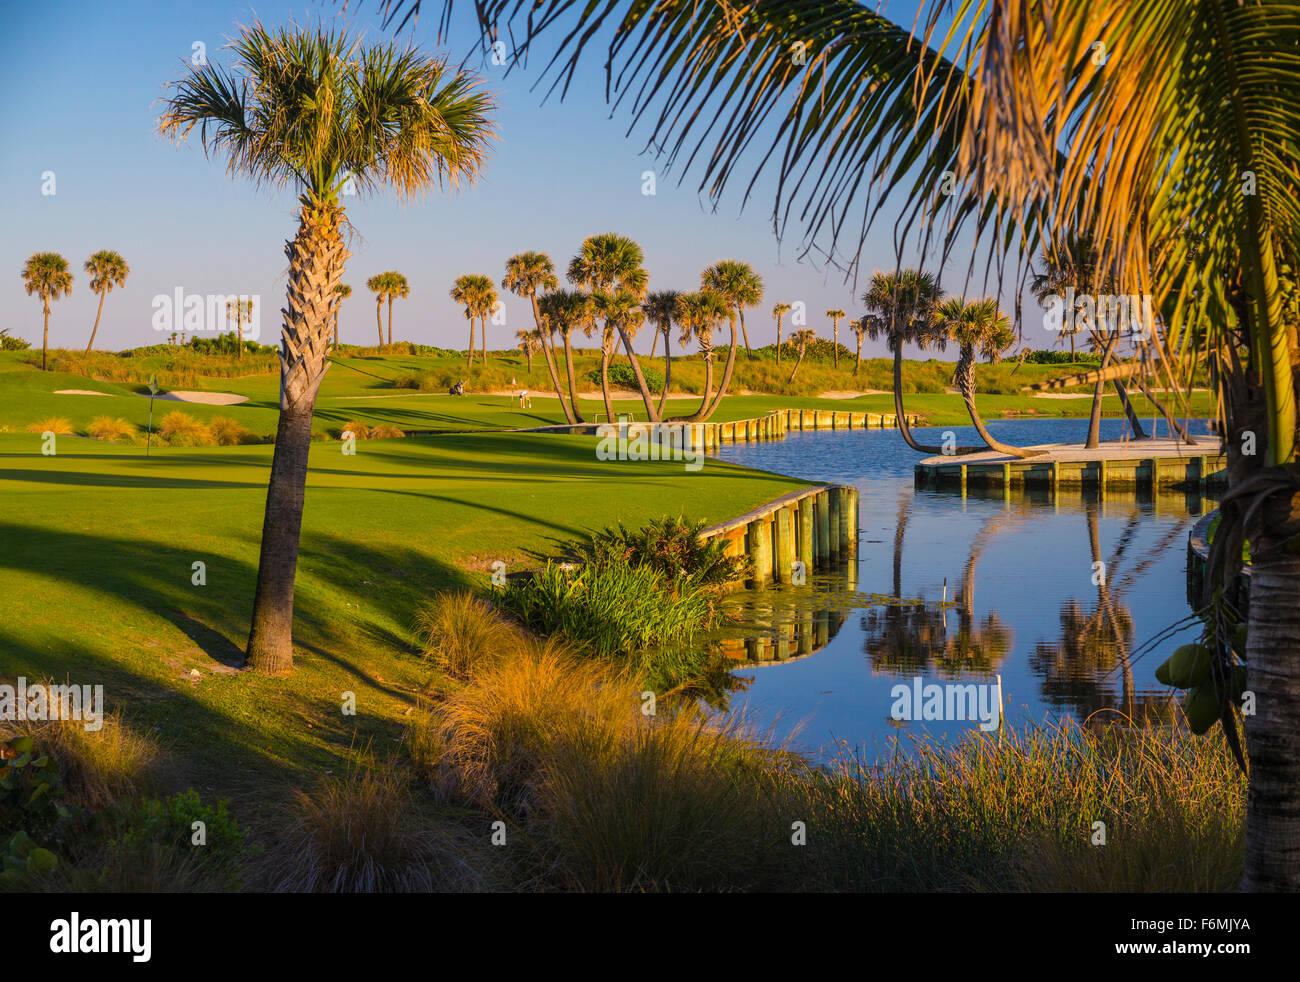 Palm Beach Par 3 golf course - Stock Image